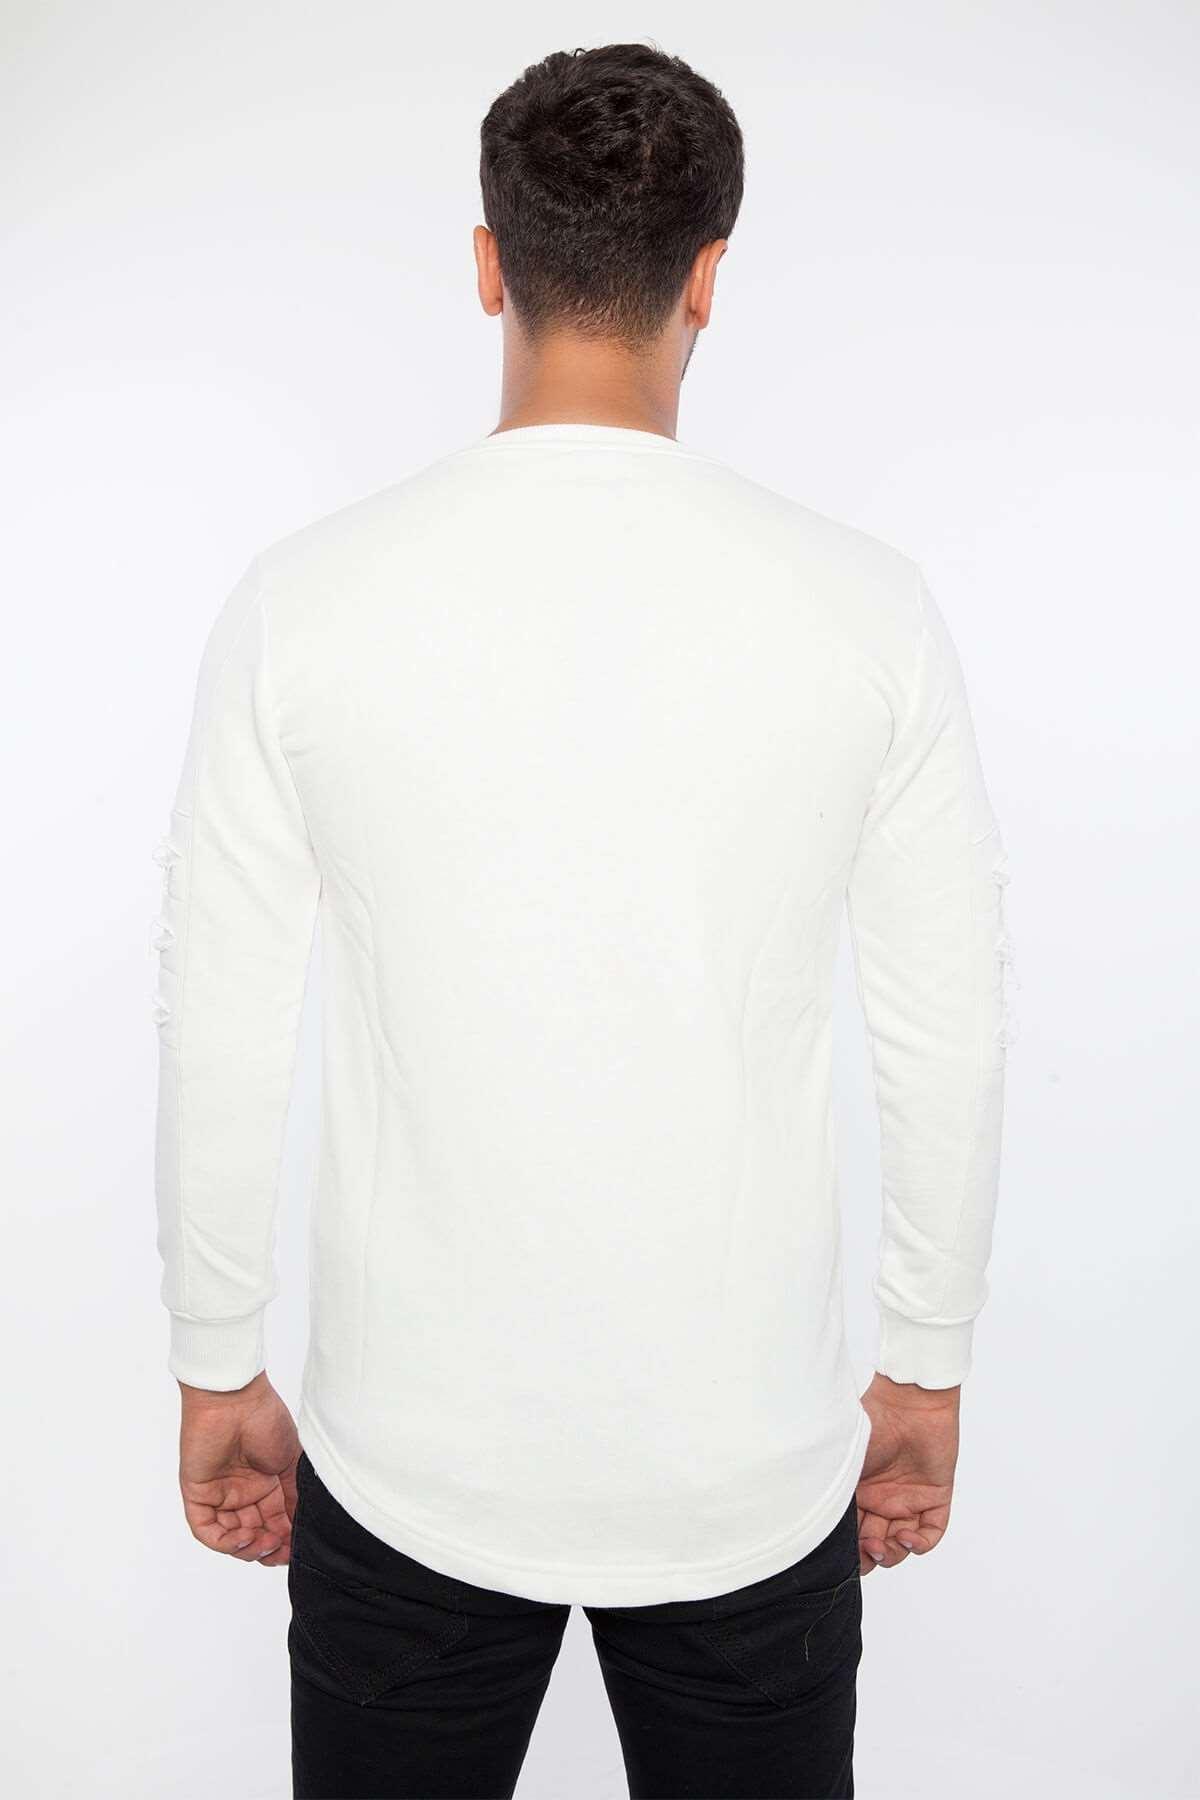 Kolu Lazer Kesikli Cepli Sweatshirt Beyaz